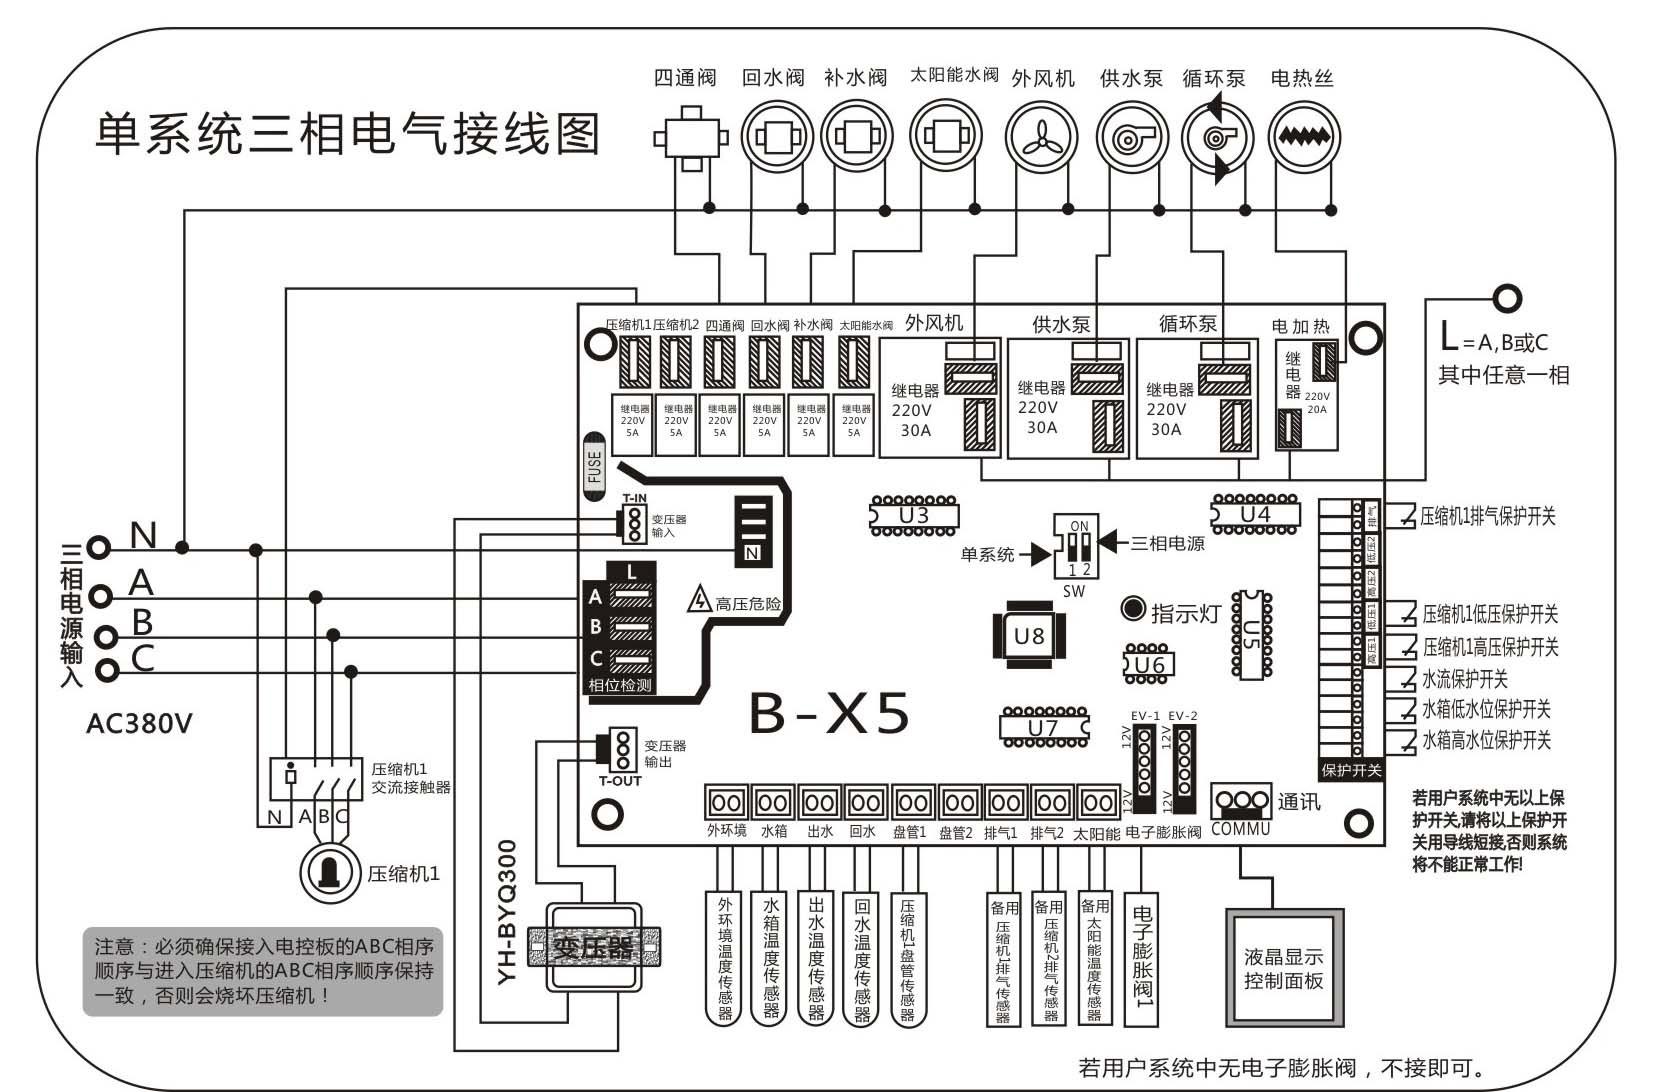 波茵冷水机改装板 b-x5_主机控制板_空调控制_中央_:.